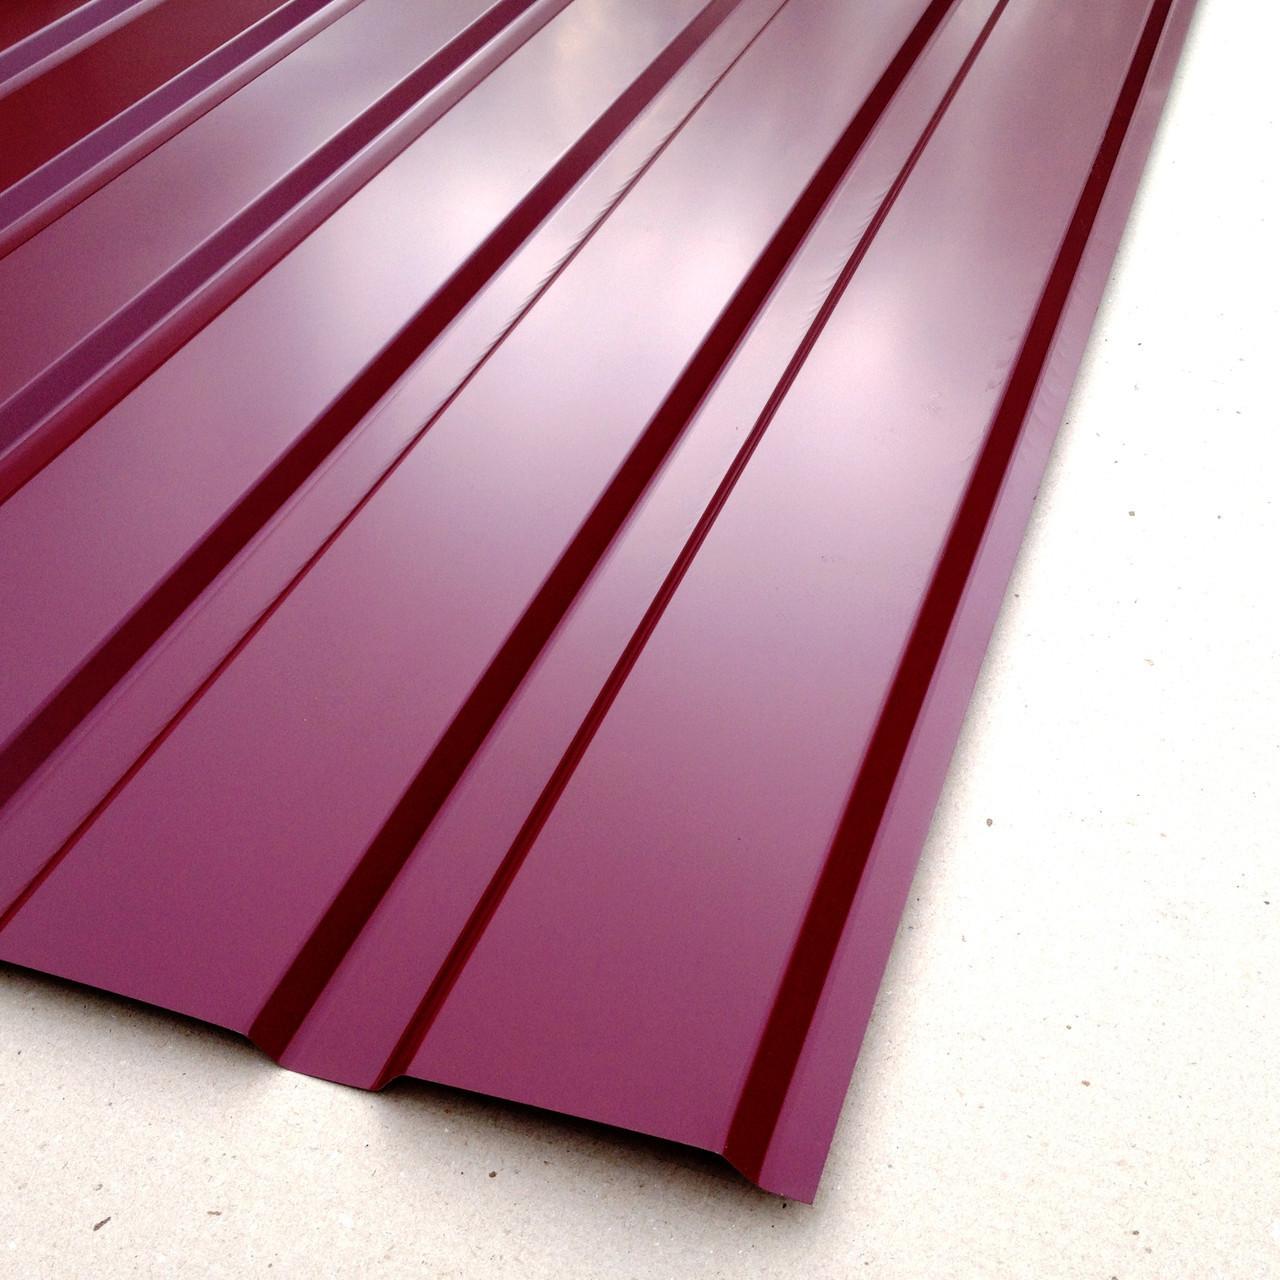 Профнастил для забору колір: Вишня ПС-20, 0,4-0,45 мм; висота 1,75 метра ширина 1,16 м